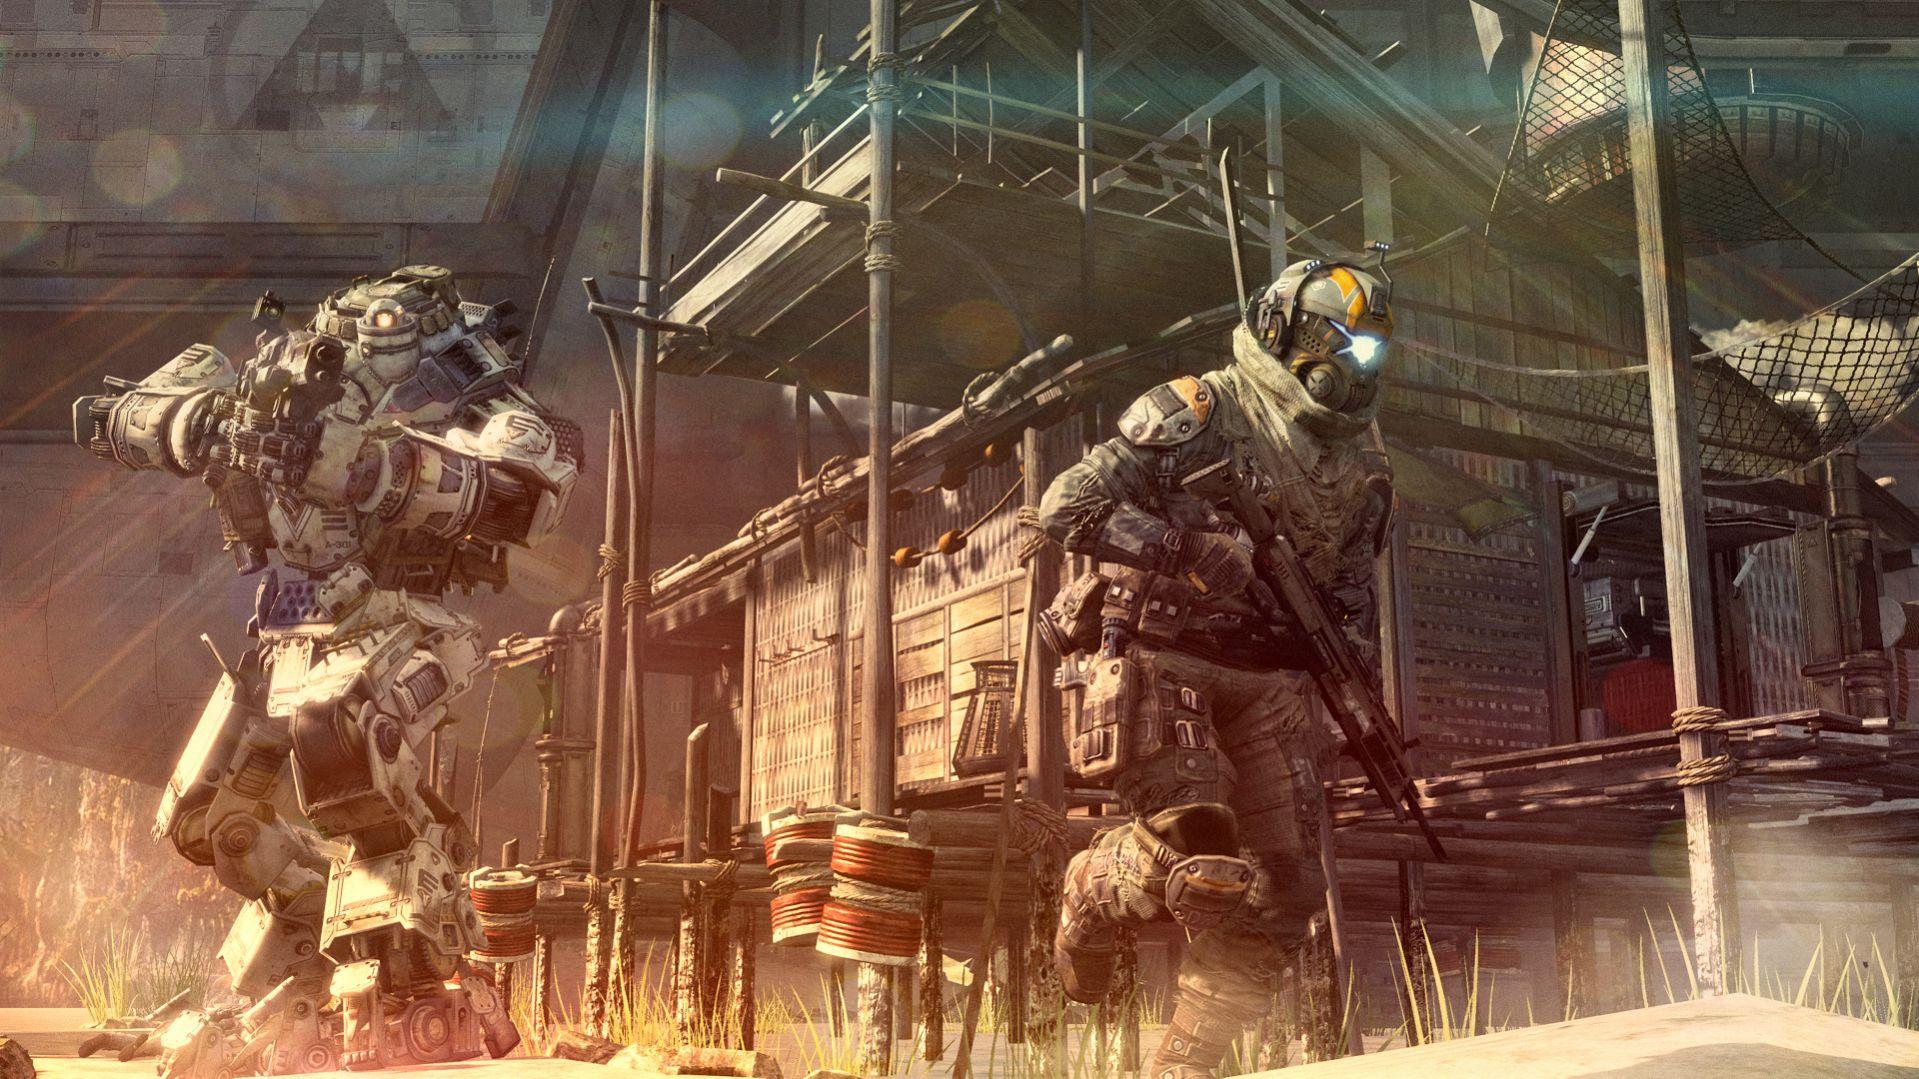 Video Game - Titanfall Wallpaper